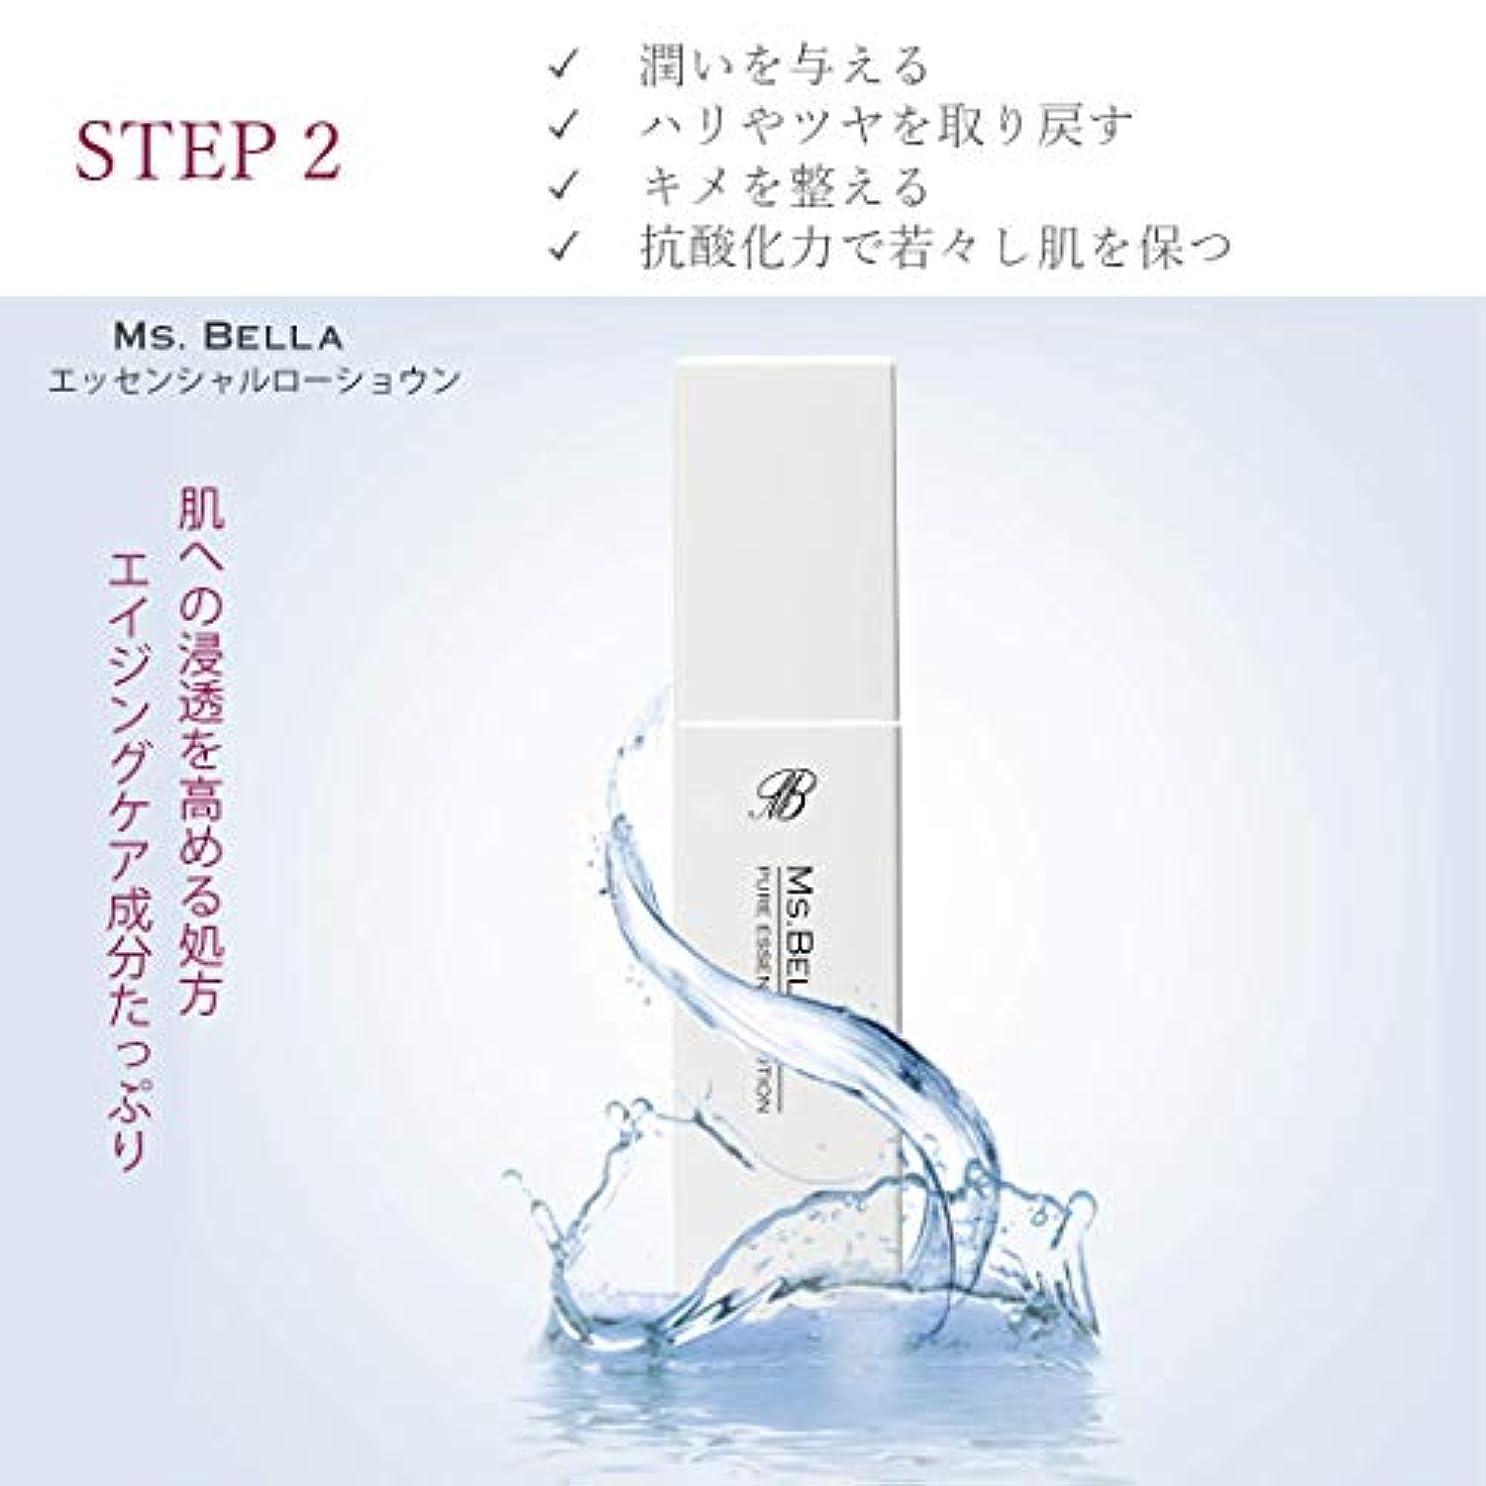 櫛はしごしないエイジングケエッセンシャルローション「化粧水」 Ms.Bella Pure Essential Lotion (Halal-Certified)